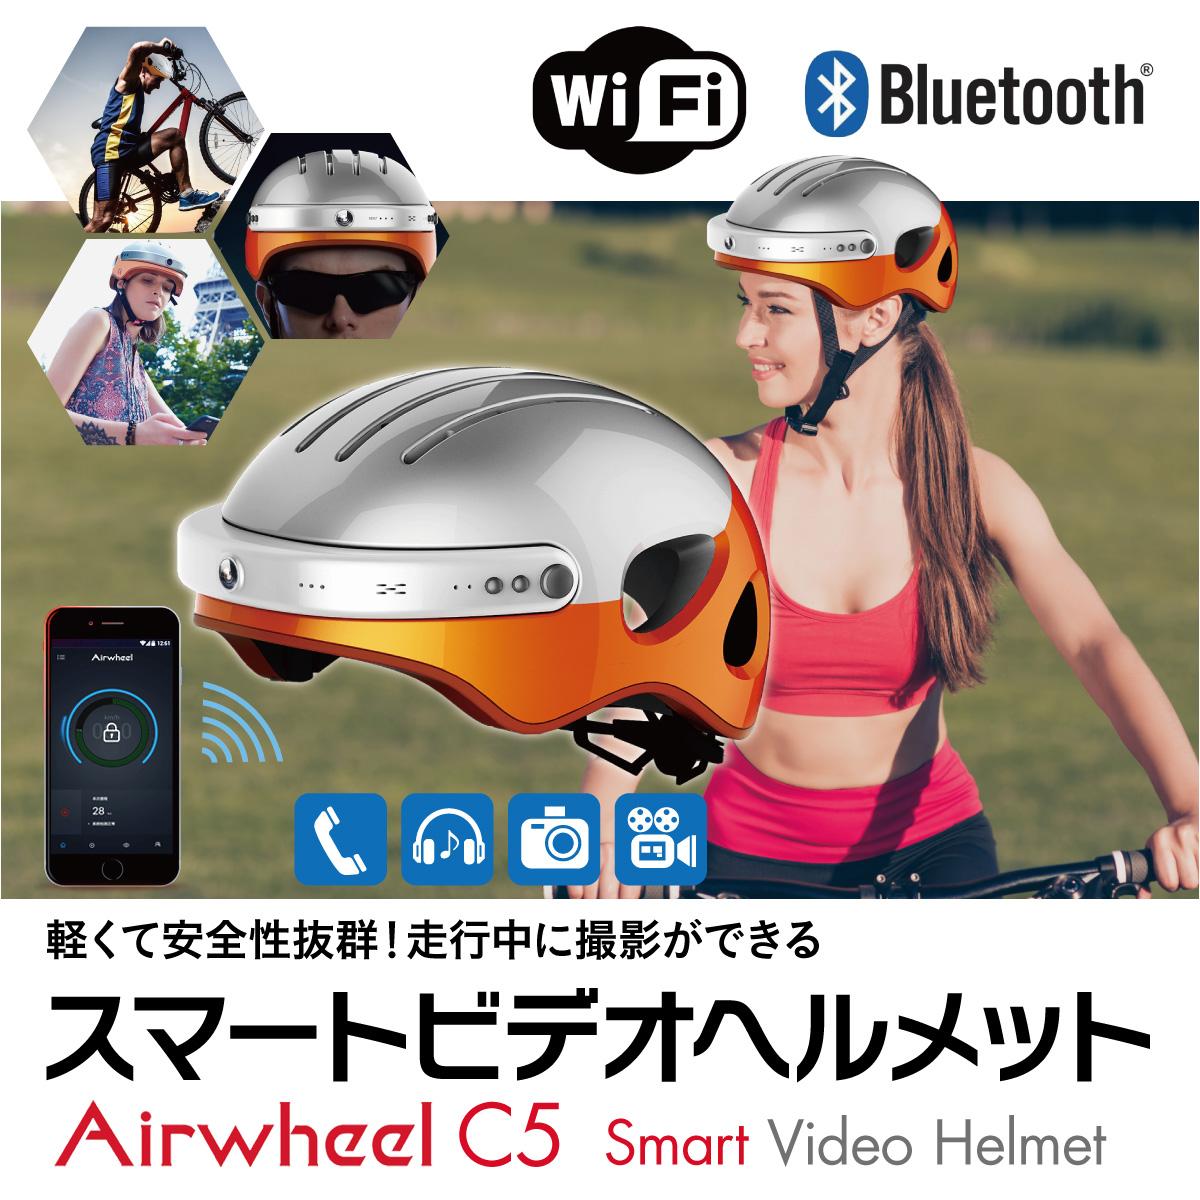 サイクリング ヘルメット Airwheel エアーホイール C5 電動 バランススクーター オフロード スケートボード 自転車 サイクリングヘルメット ビデオ カメラ airwheel-c5